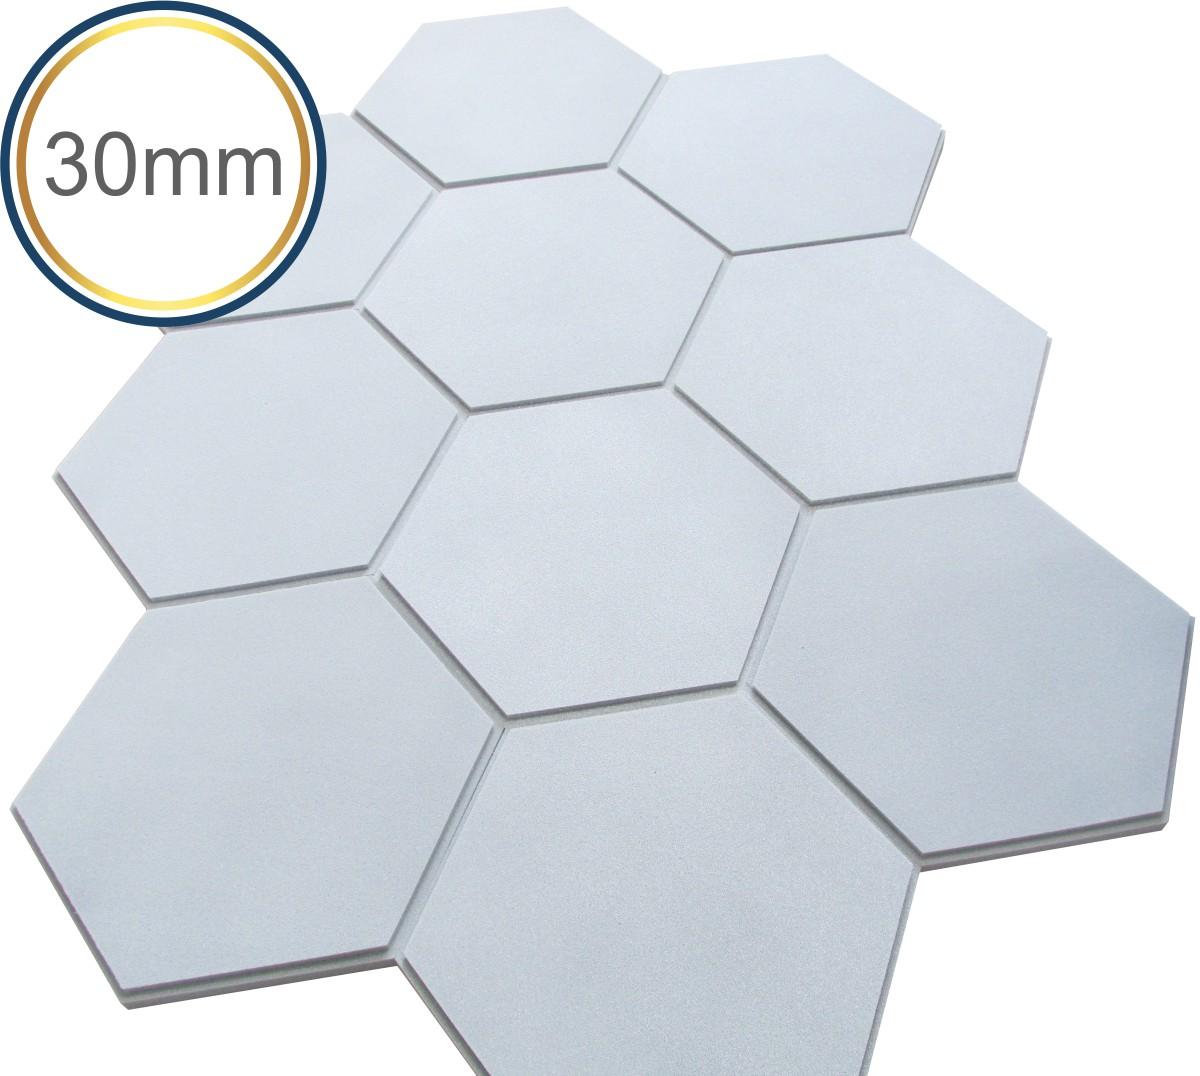 Espuma Acústica - REV - Hexagonal 3D Colors- Kit 5 peças - (1m²)  - Loja SPL Acústica